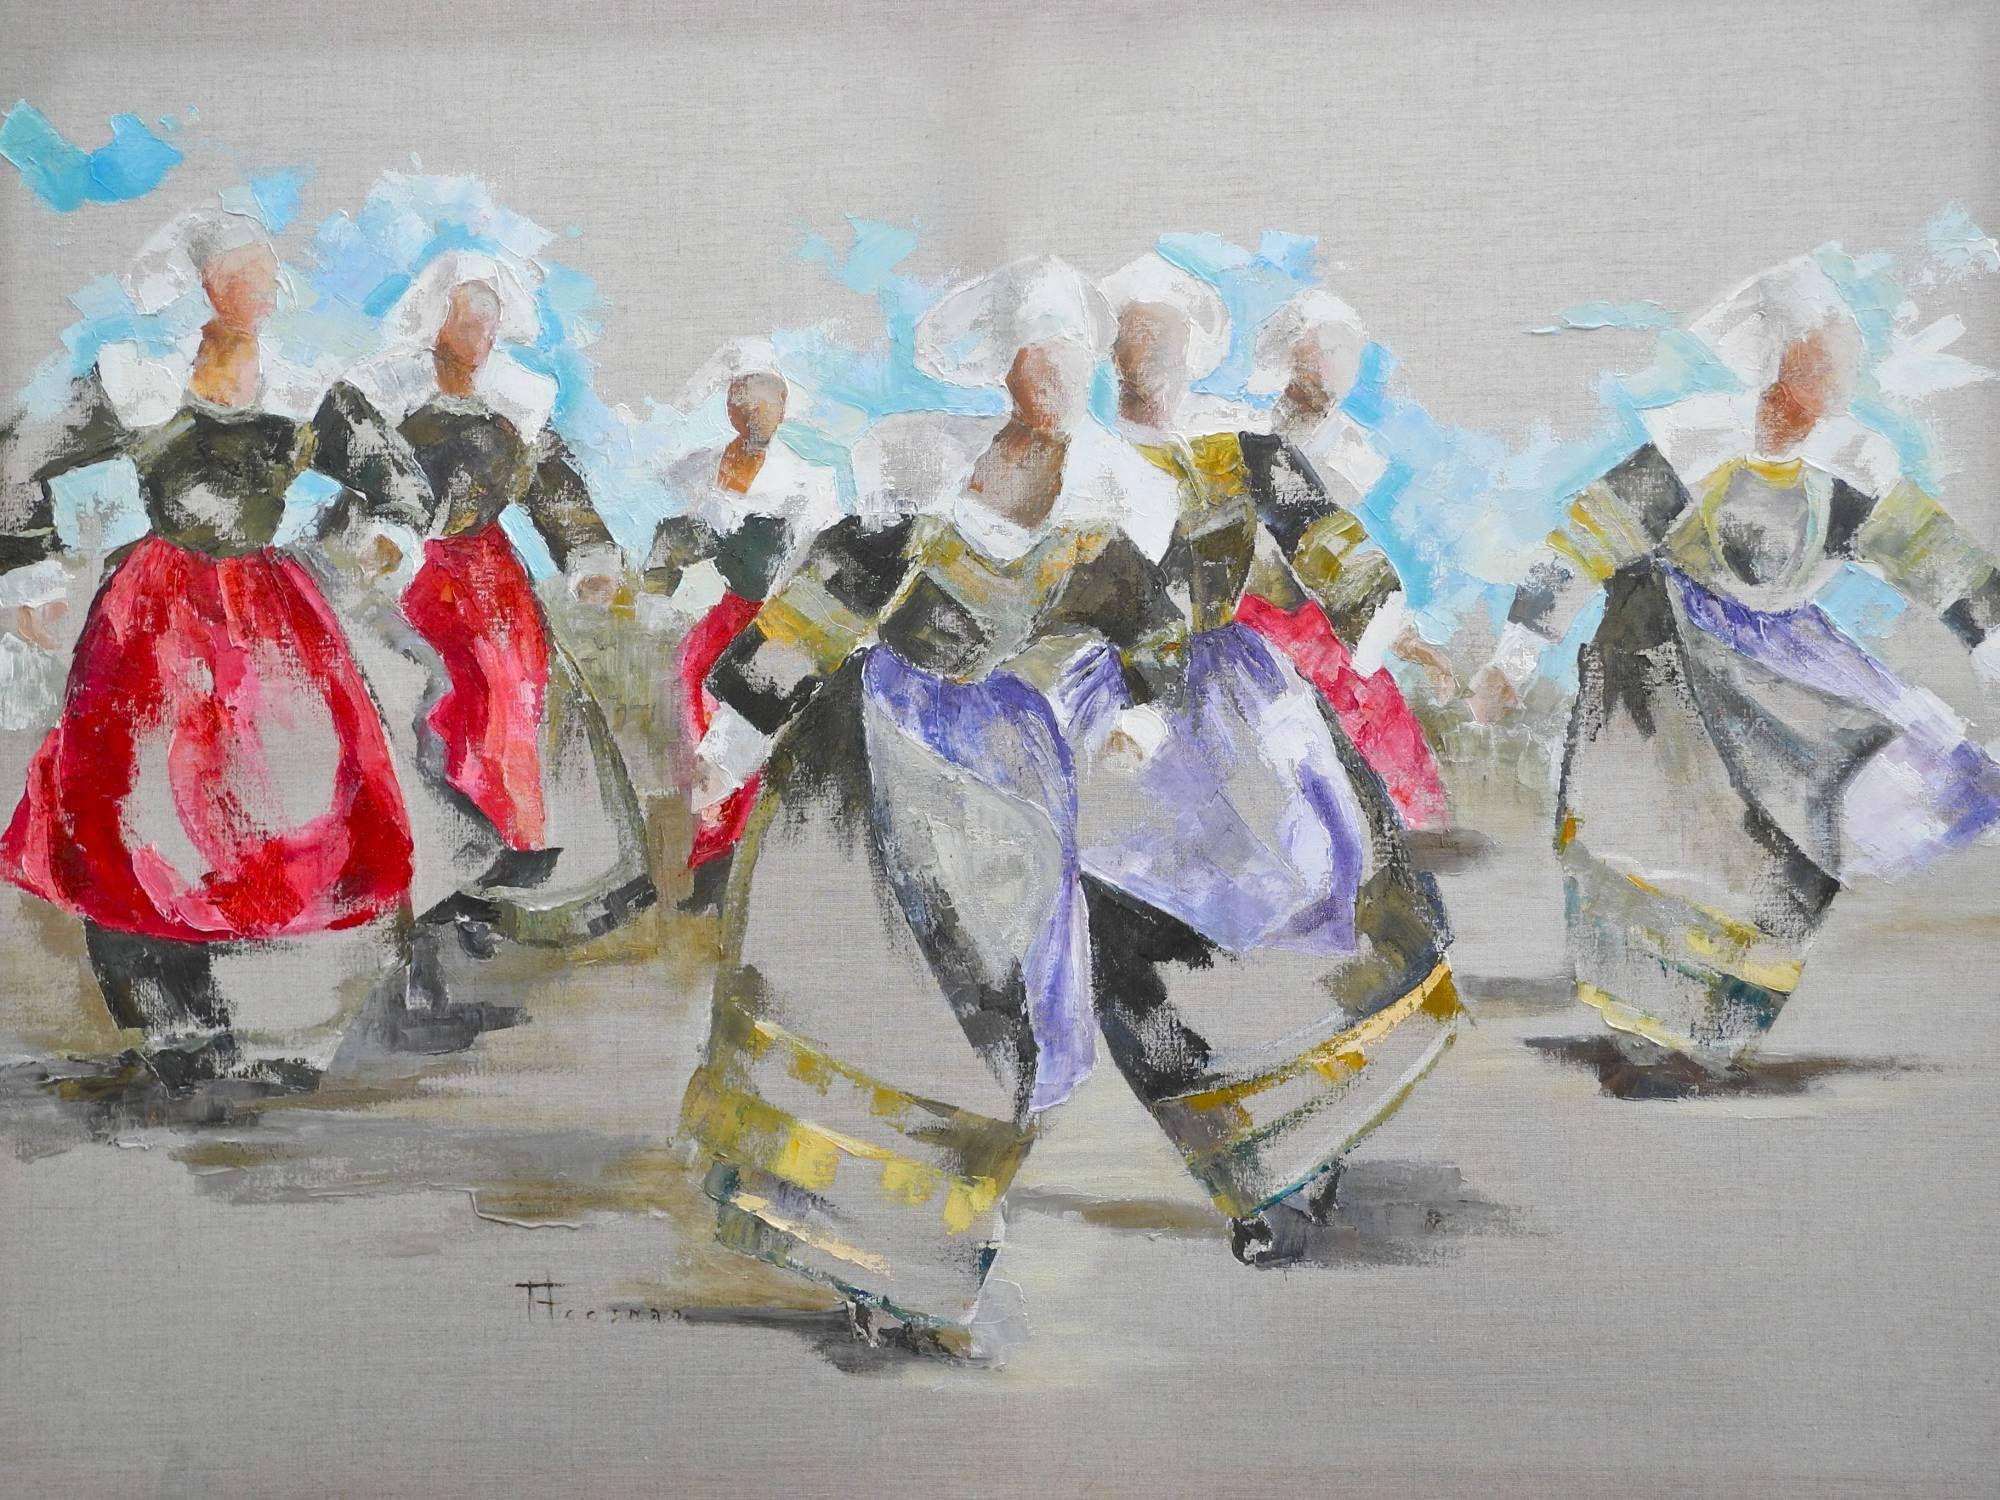 Epingle Par Heidi Sowell Sur Art En 2020 Peinture Les Arts